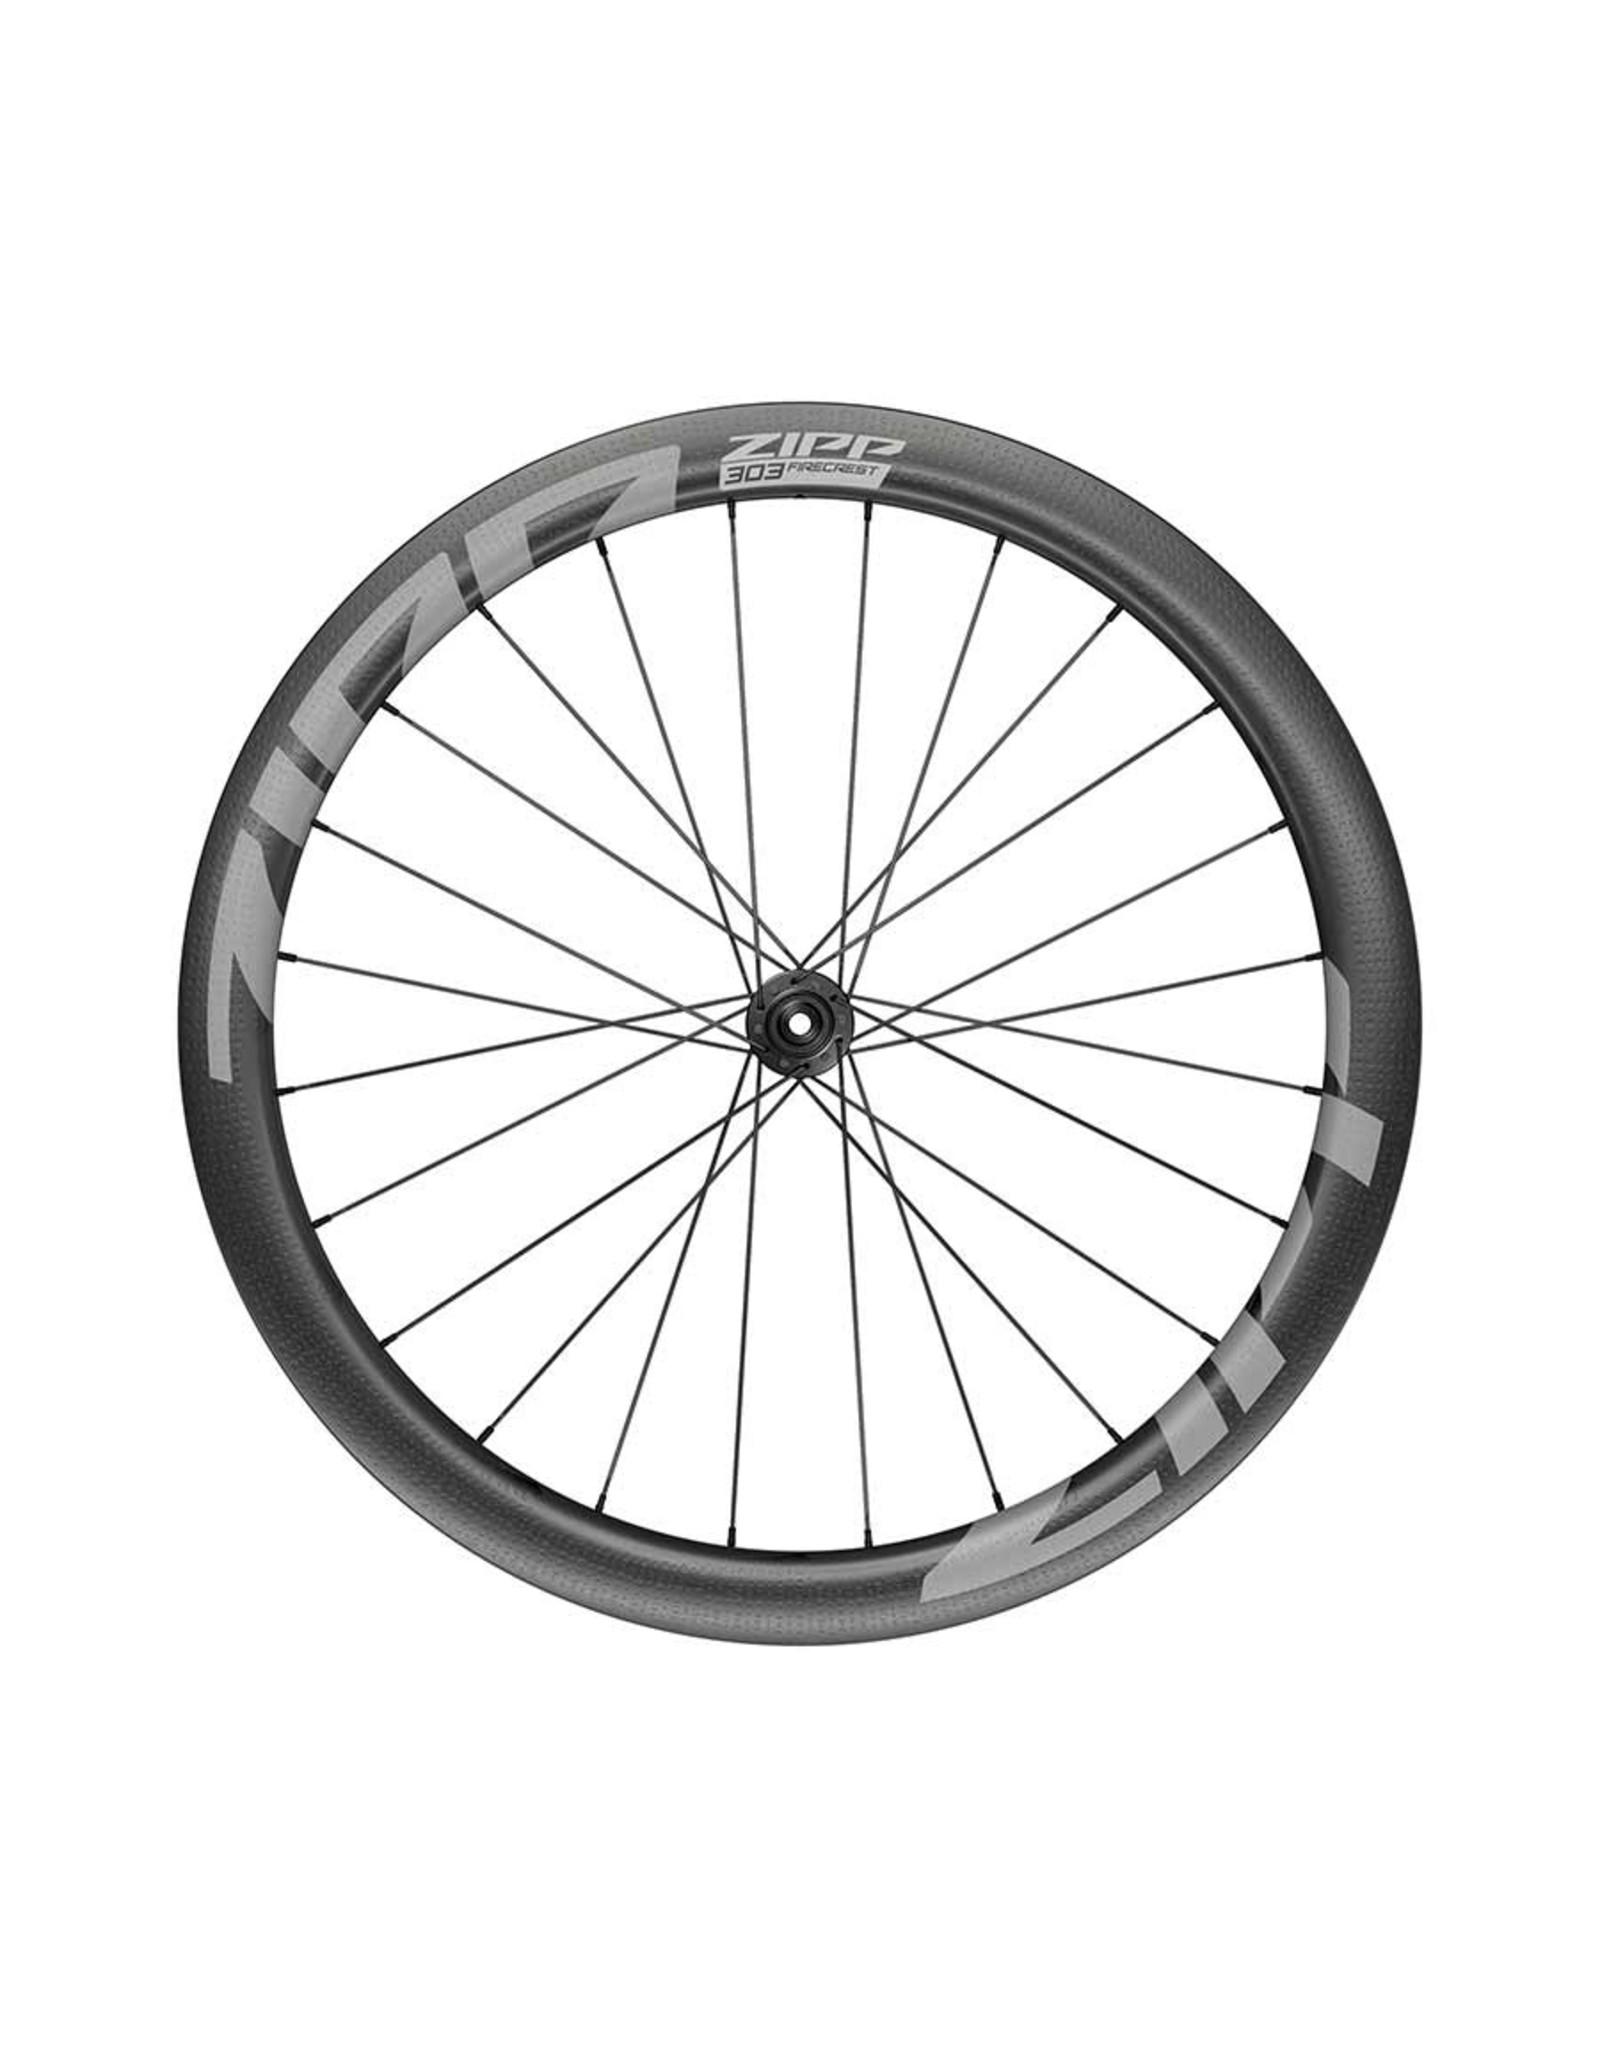 Zipp Zipp, 303 Firecrest Disc A1, Wheelset, Pair, 700C / 622, Holes: 24, 12mm TA, 100mm/142mm, Disc Center Lock, XD-R